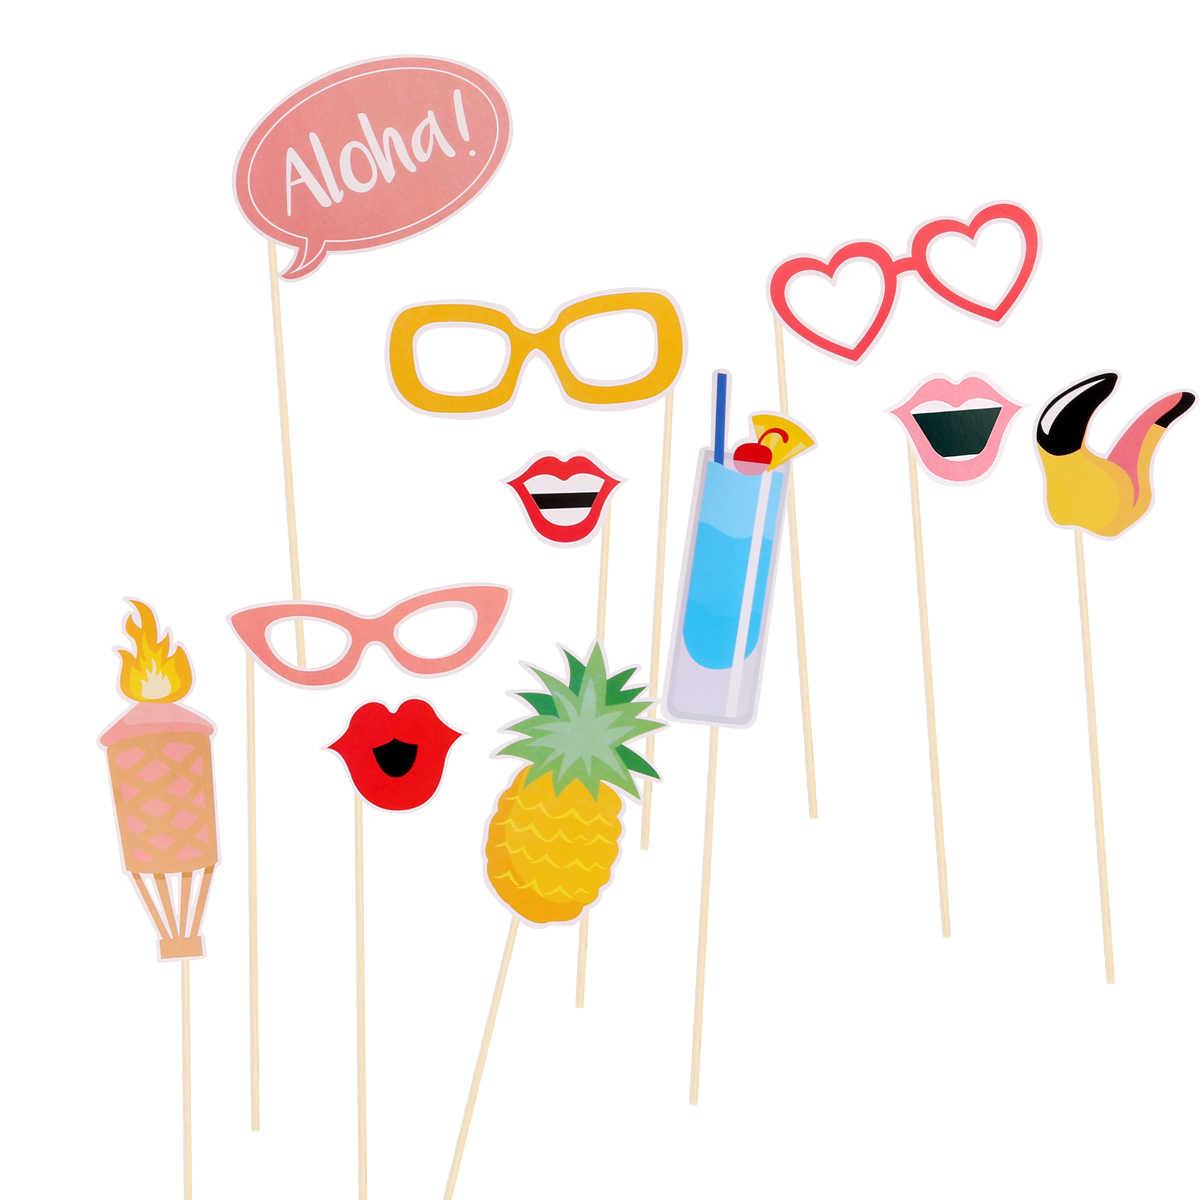 21 個フラミンゴハワイテーマ夏パーティーフォトブースの小道具キット DIY ルアウ用品のためにビーチパーティーの装飾